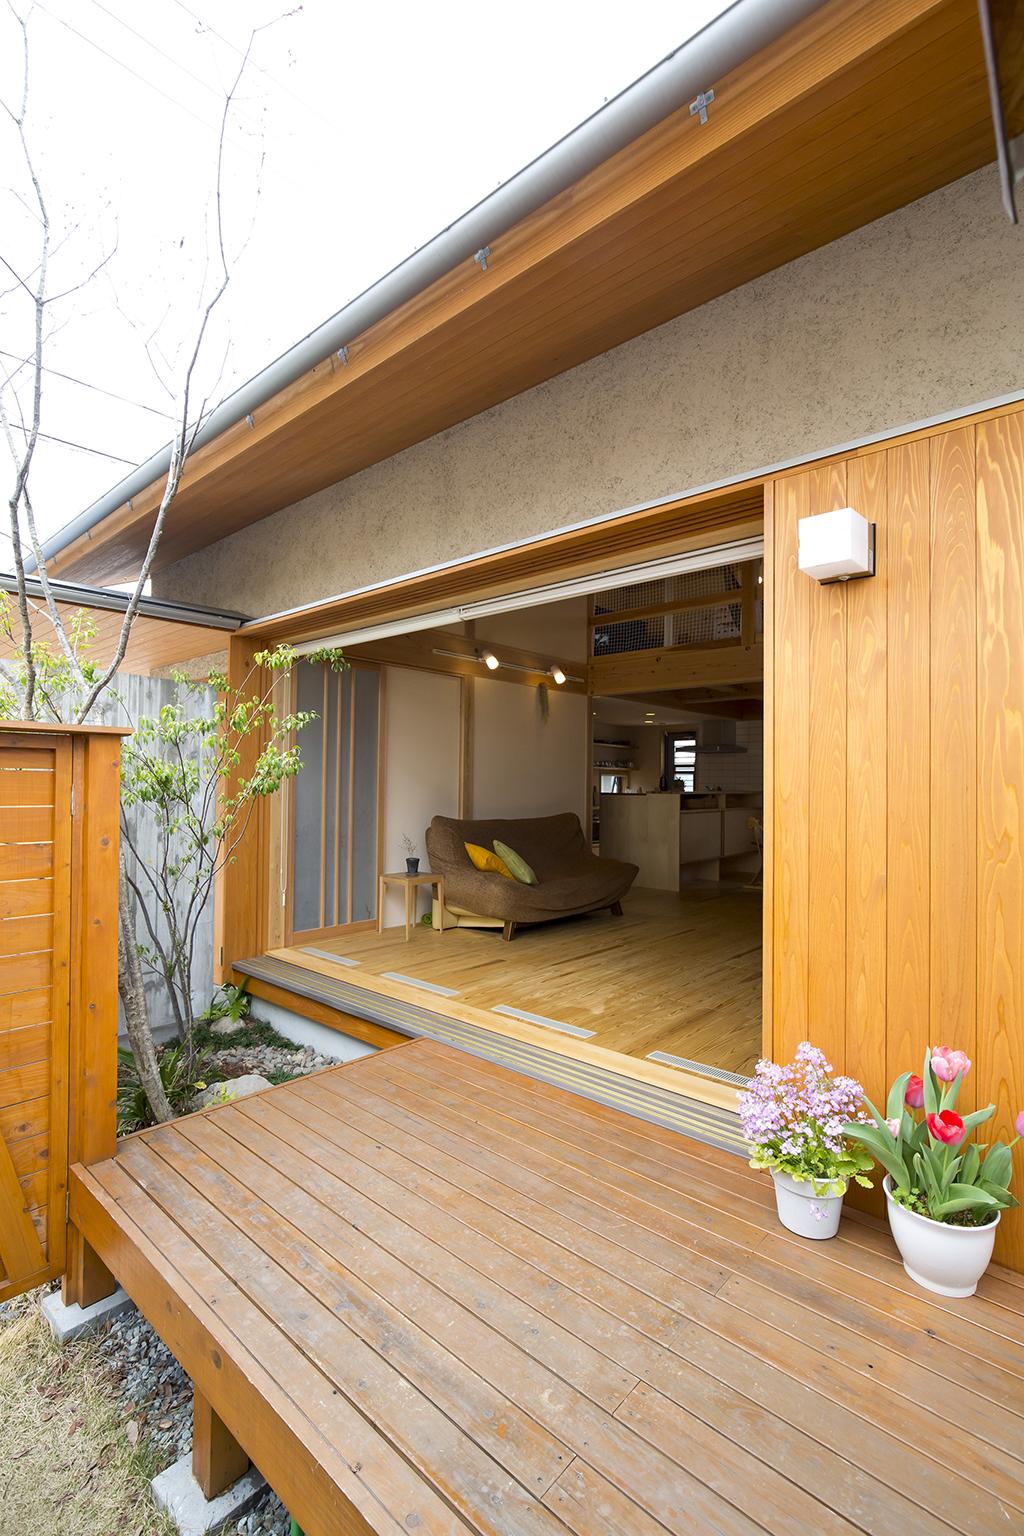 加古川市の木の家 庭より室内を見る